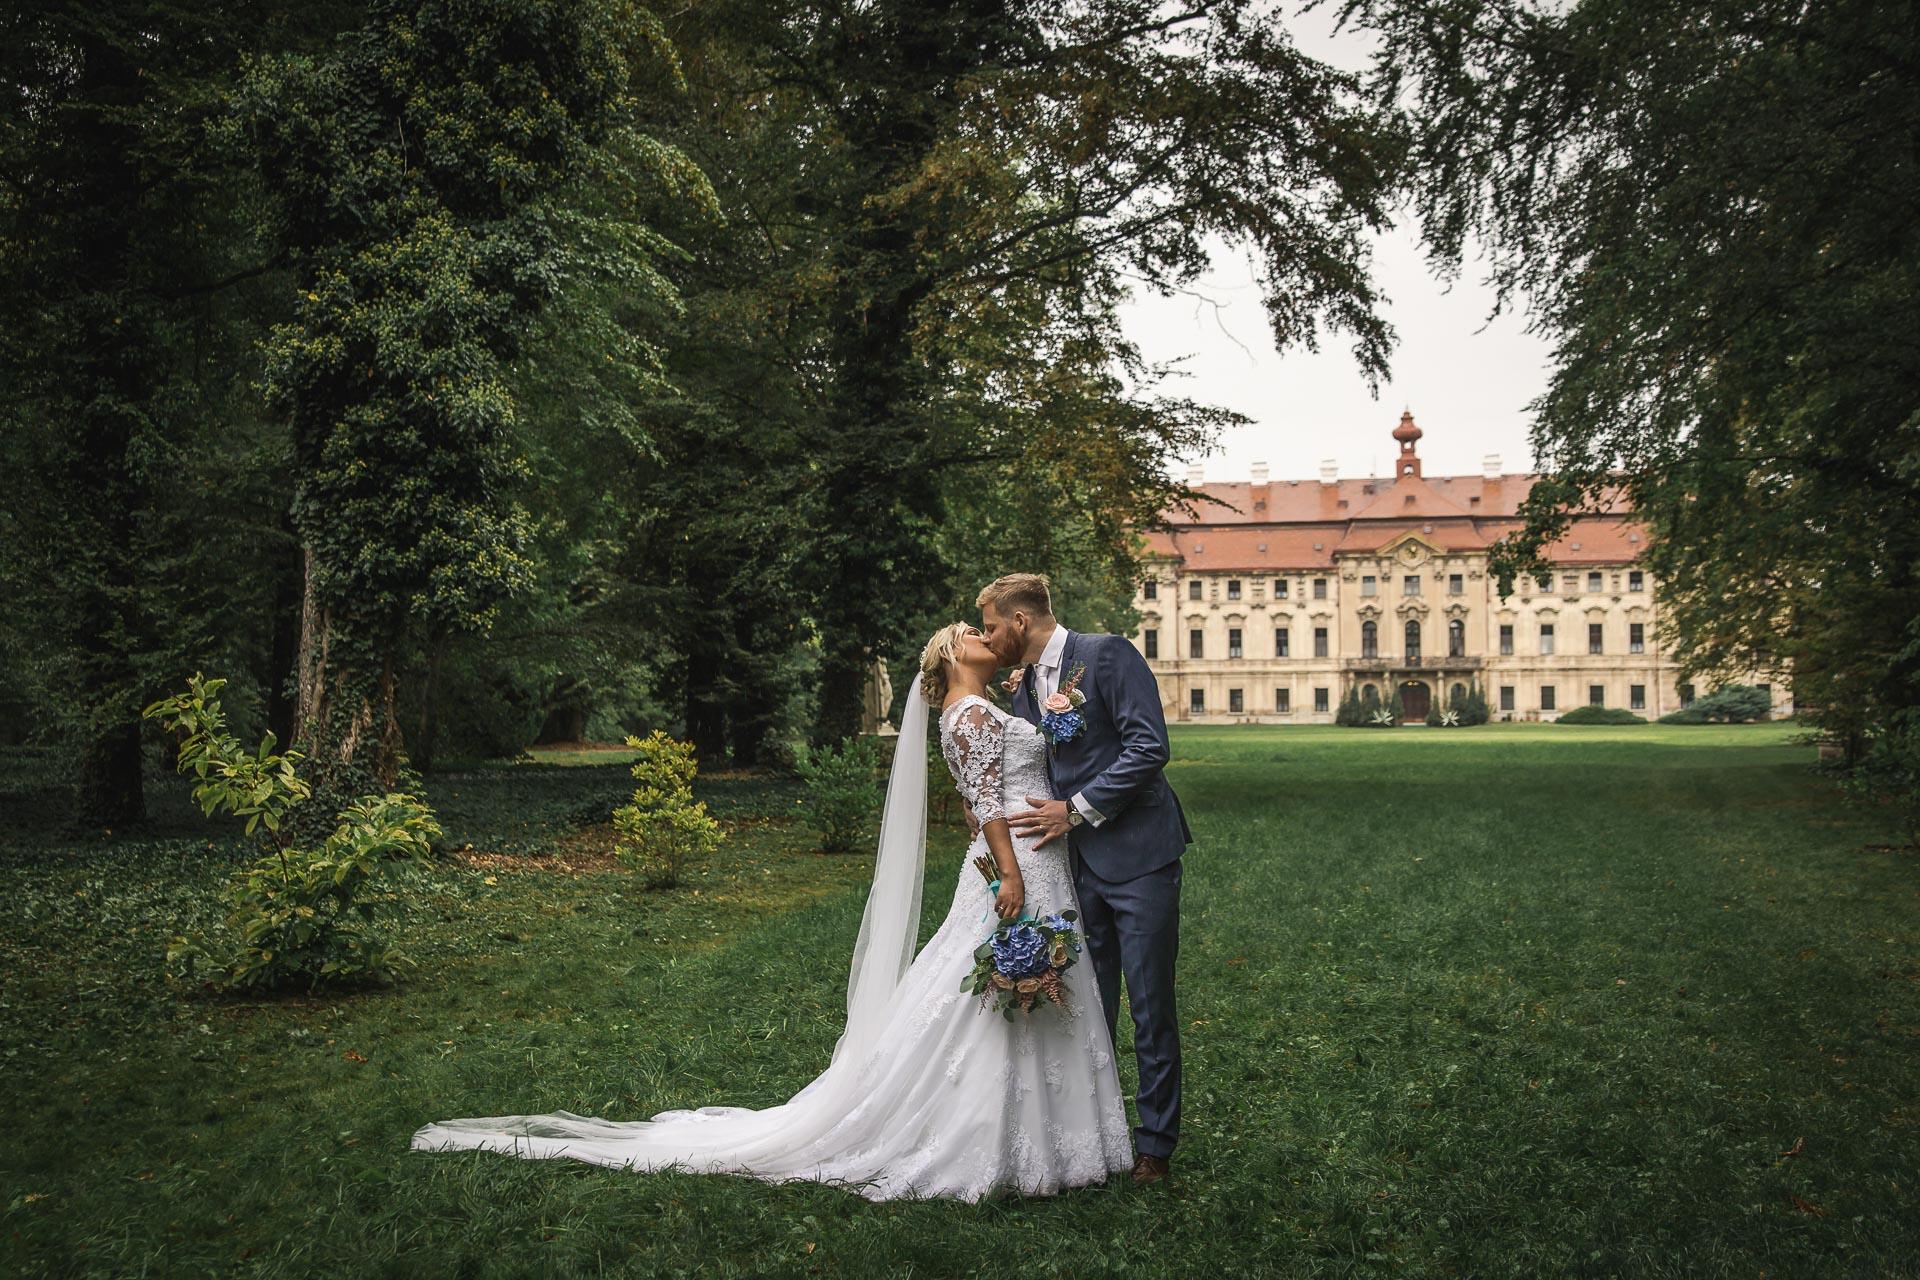 Svatební-fotograf-zámecký-park-Měšice-Svatba-Měšice-u-Prahy-7483